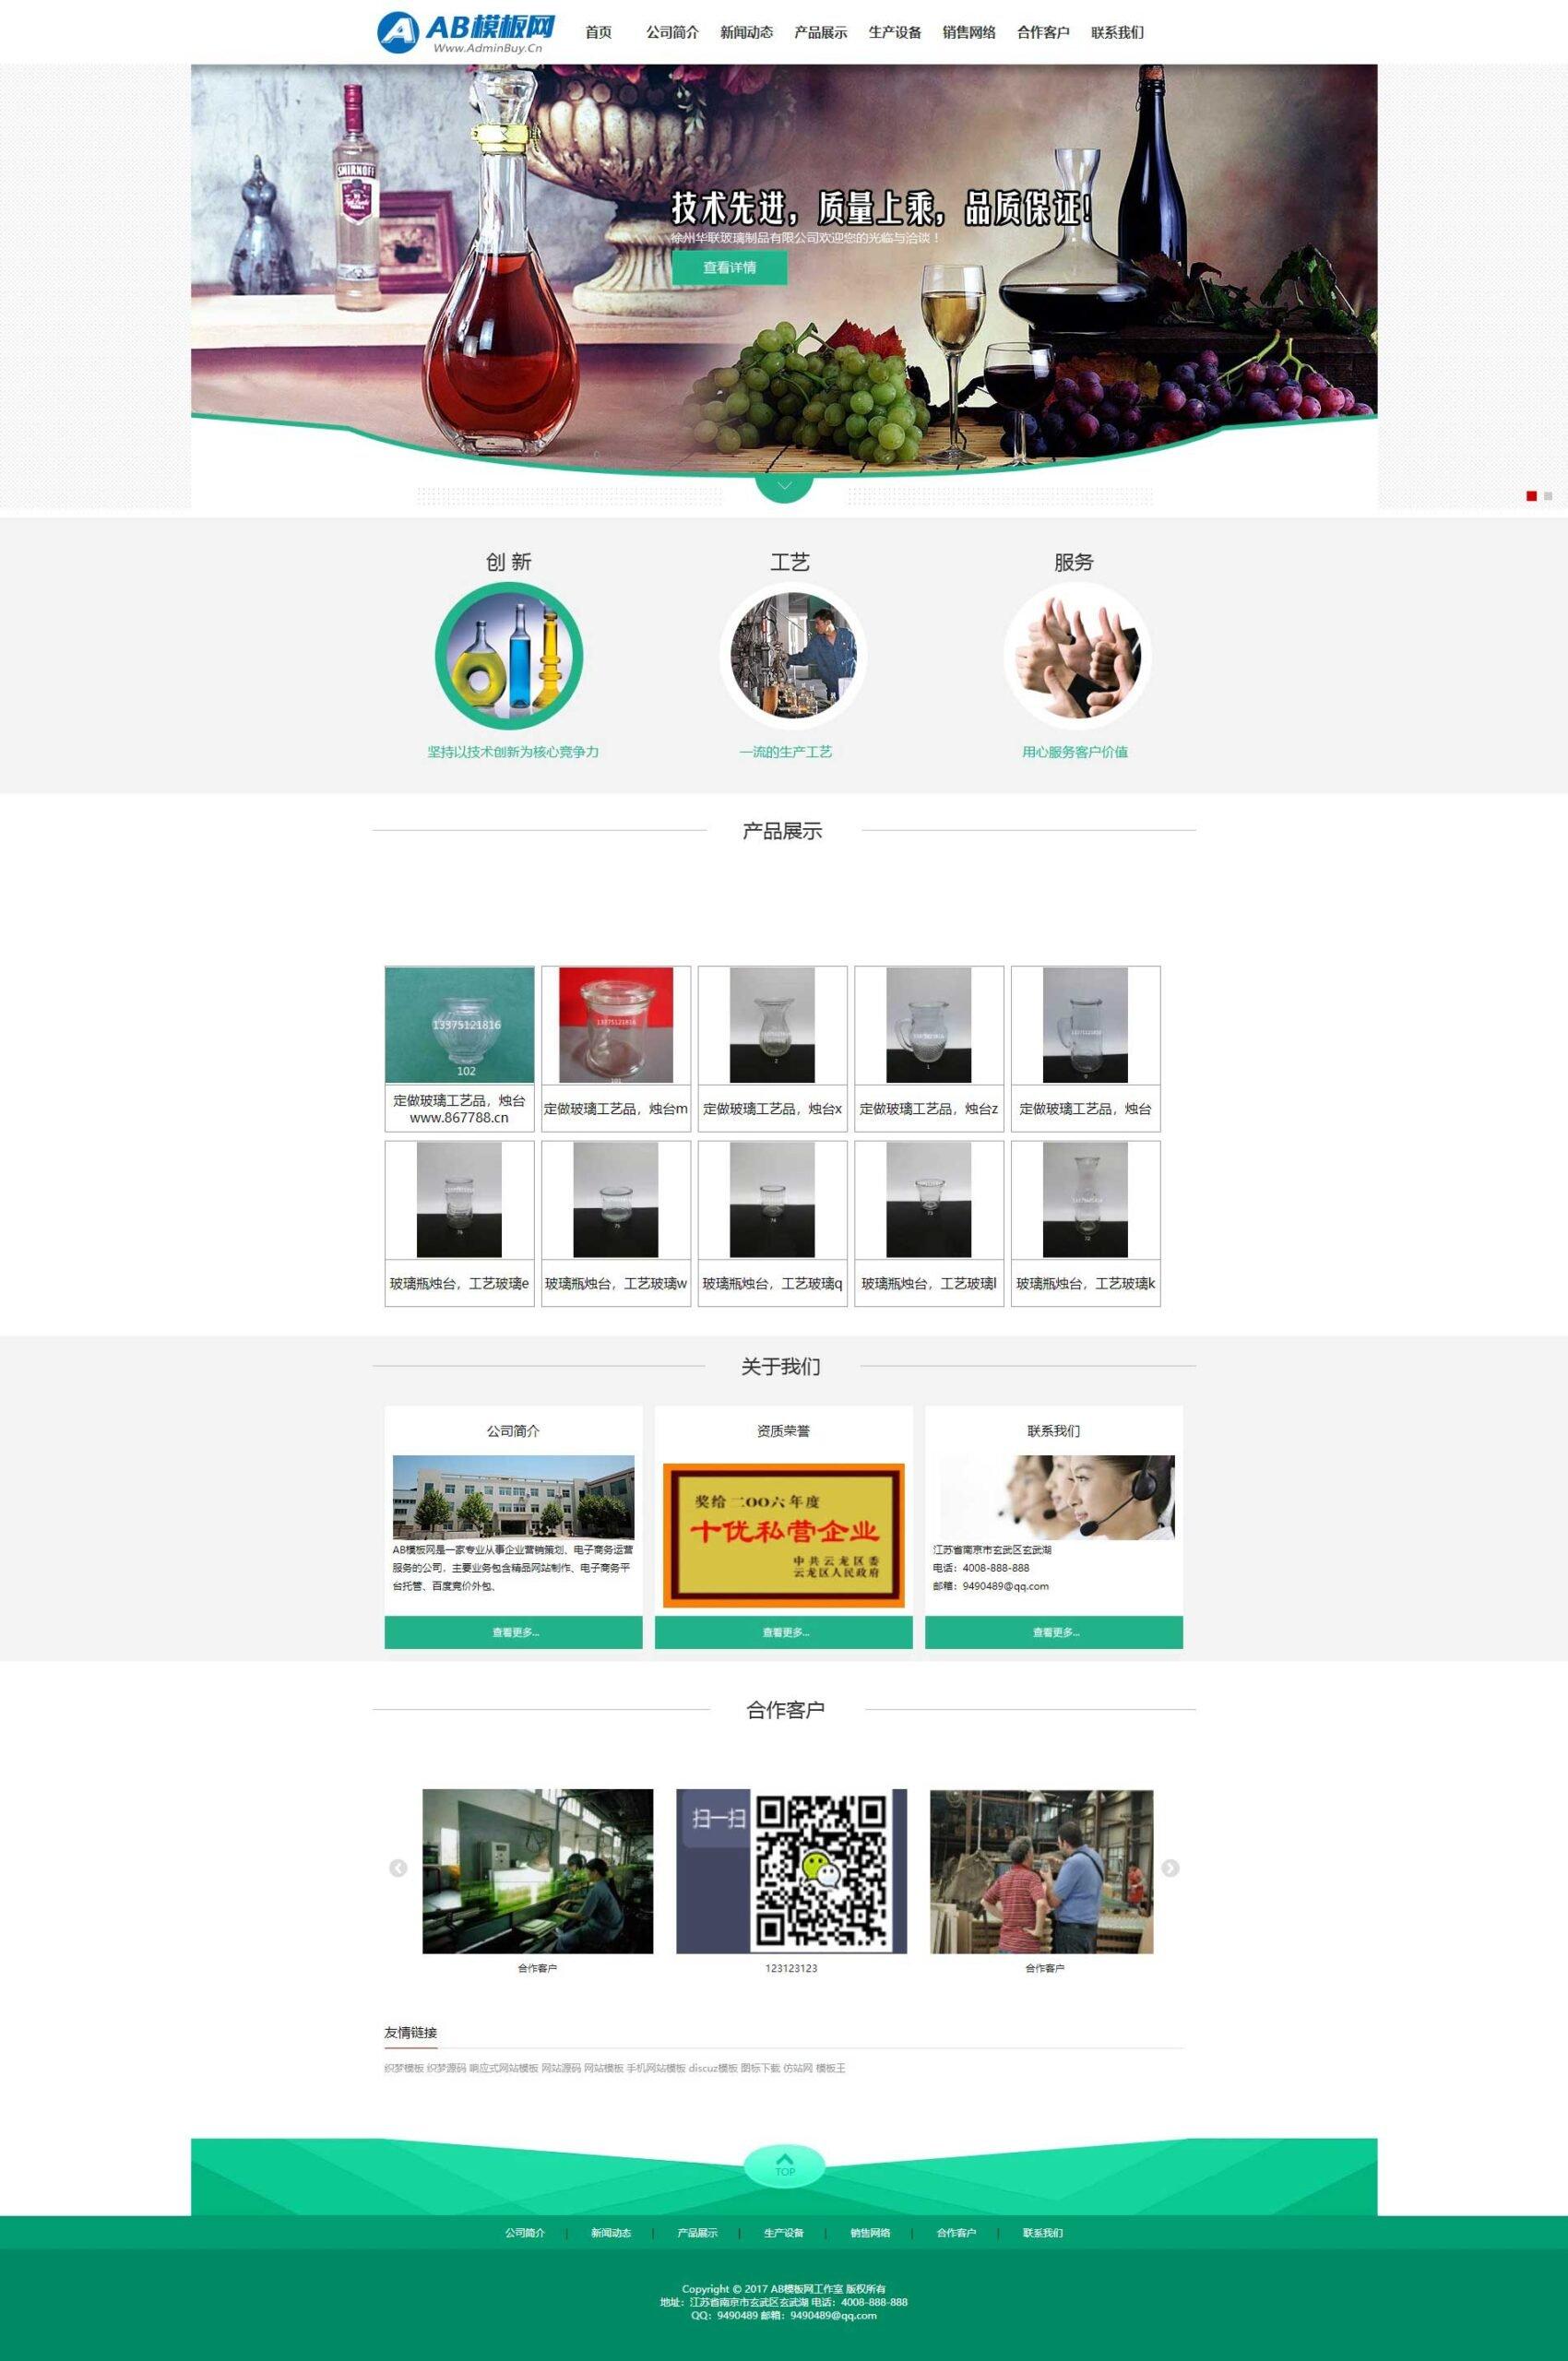 玻璃制品公司网站织梦dede模板源码[带手机版数据同步]插图